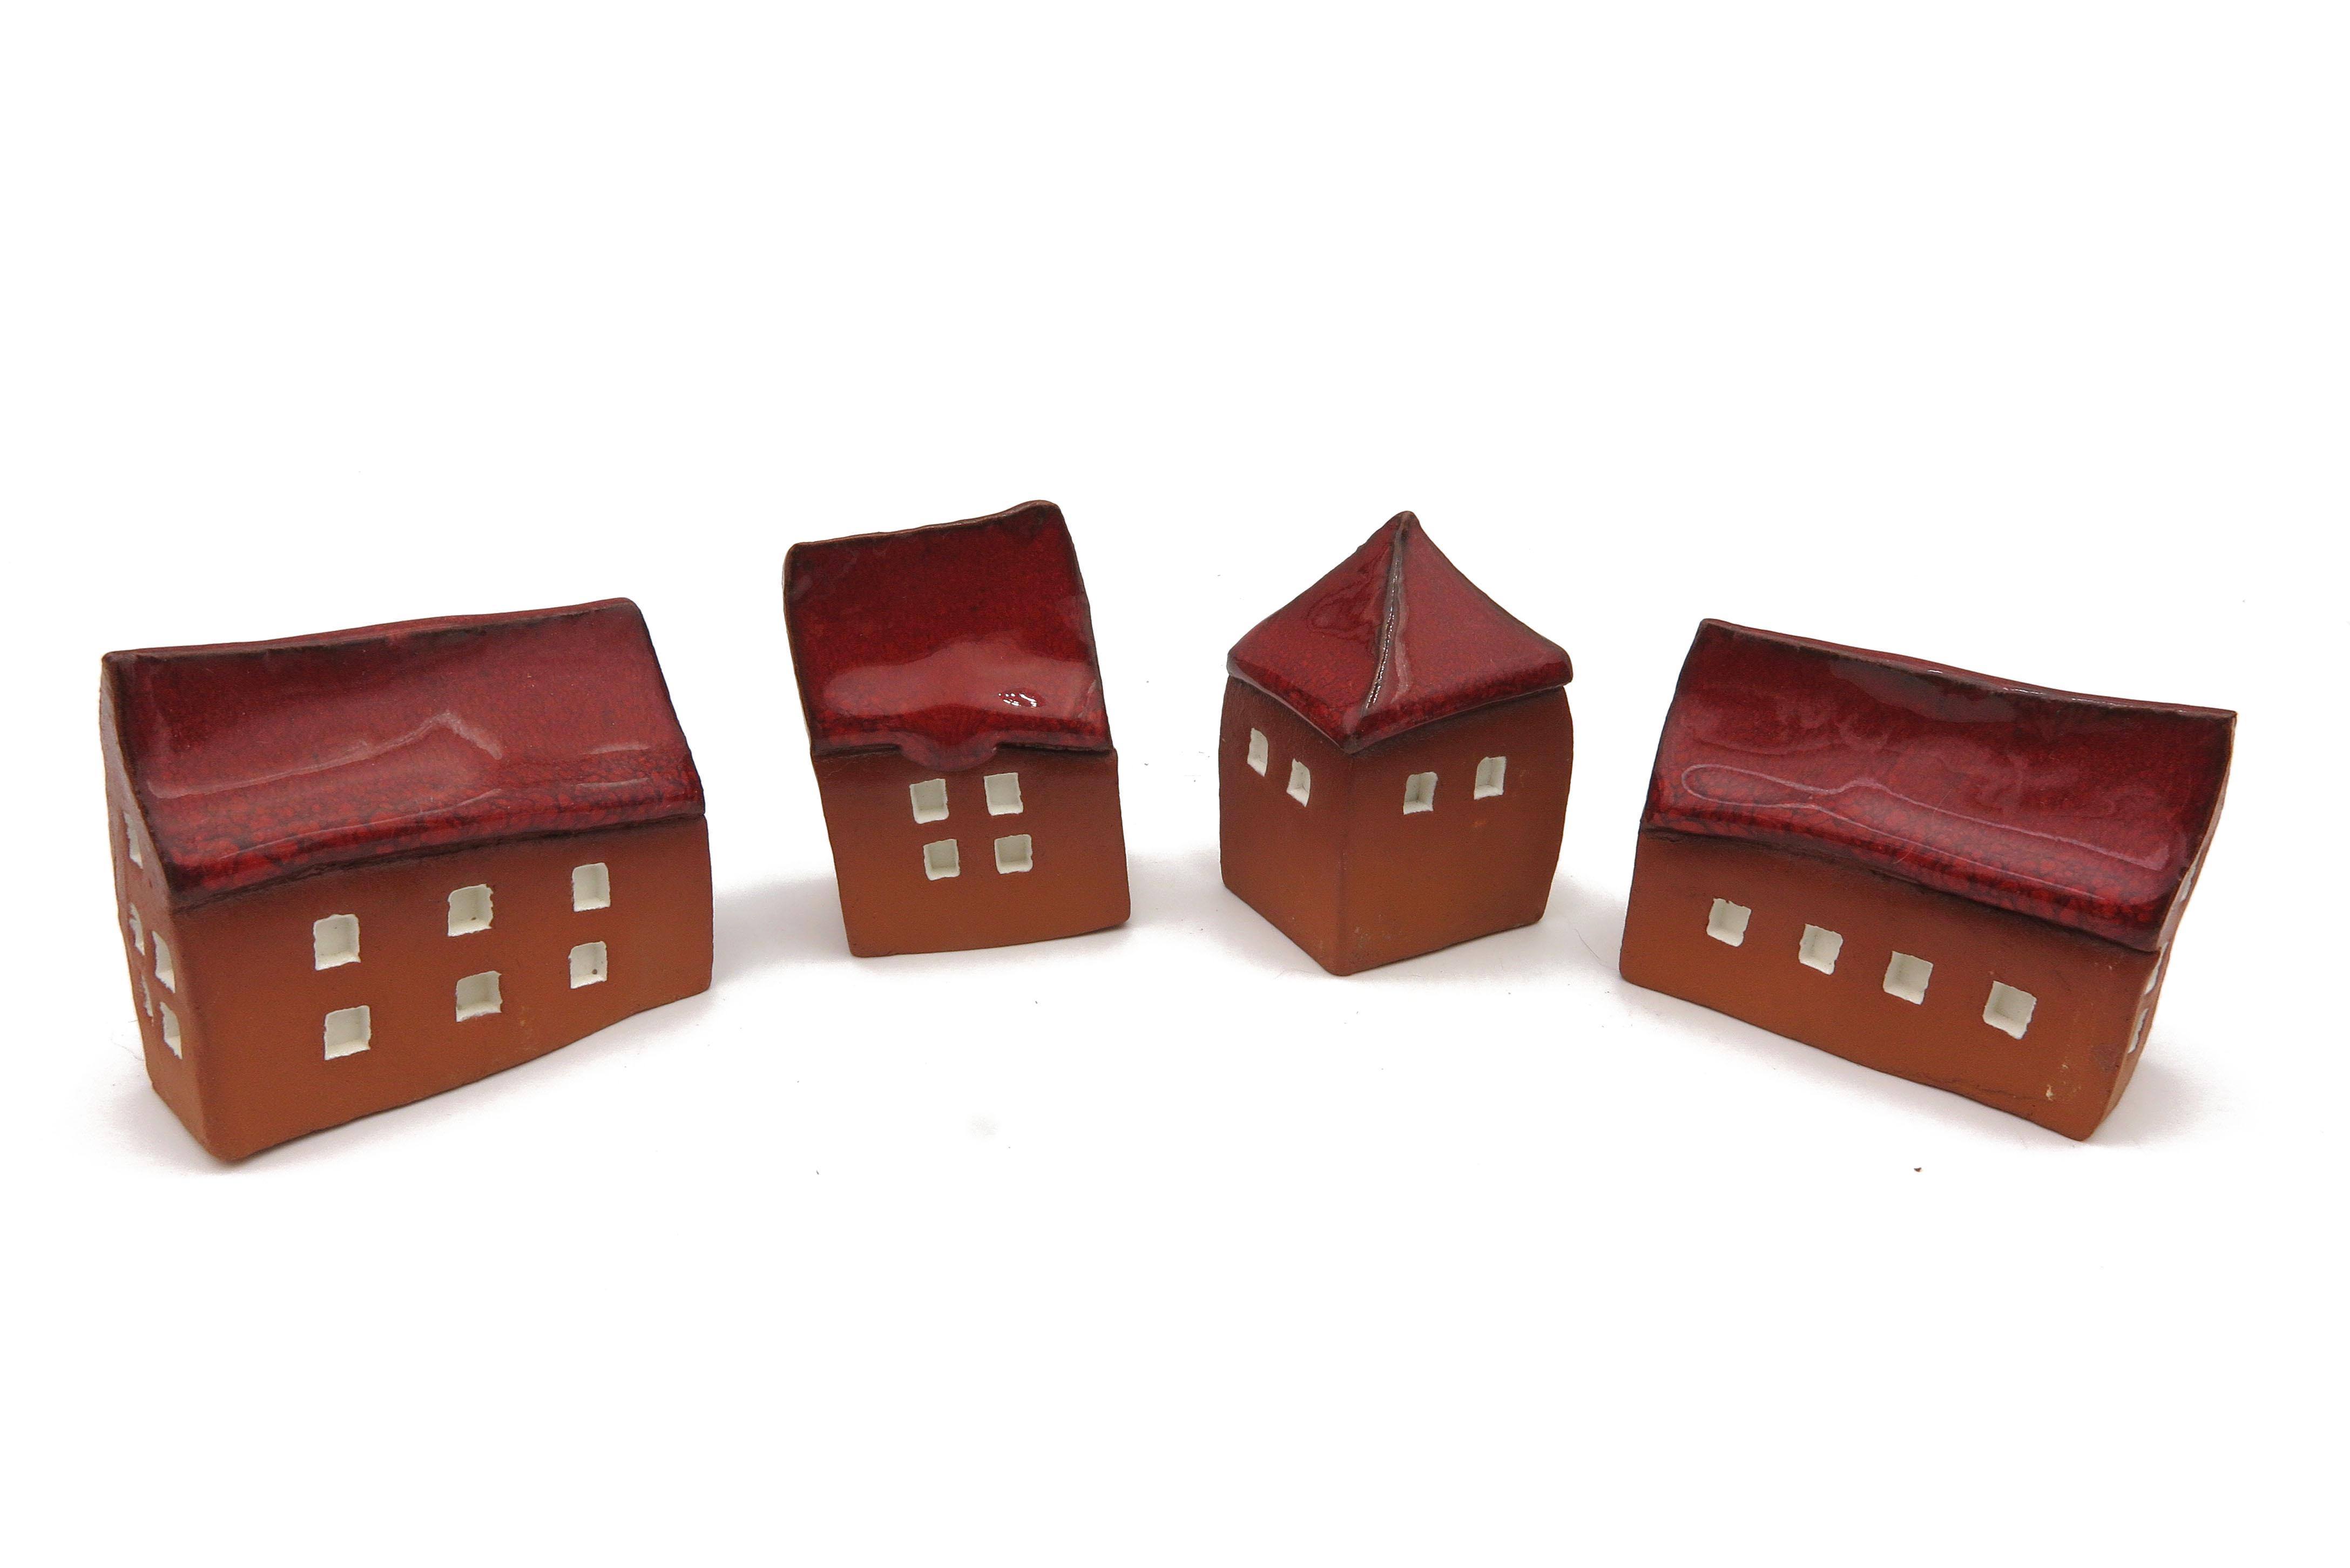 Schiefes Häuschen, 3 Weihnachtshäuschen 1 Türmchen rot/ M 5cm